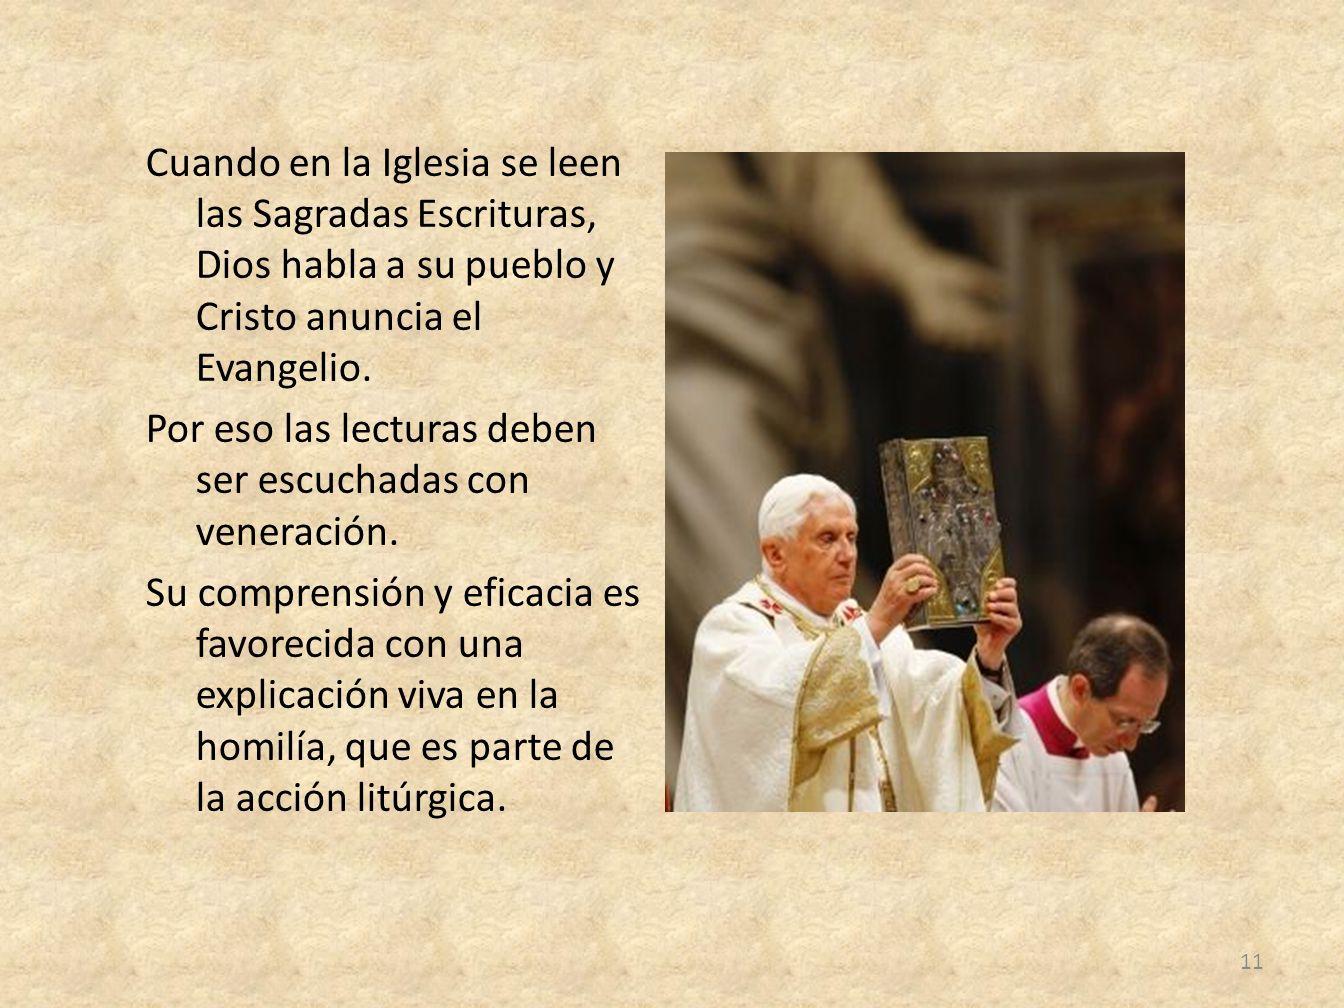 Cuando en la Iglesia se leen las Sagradas Escrituras, Dios habla a su pueblo y Cristo anuncia el Evangelio.